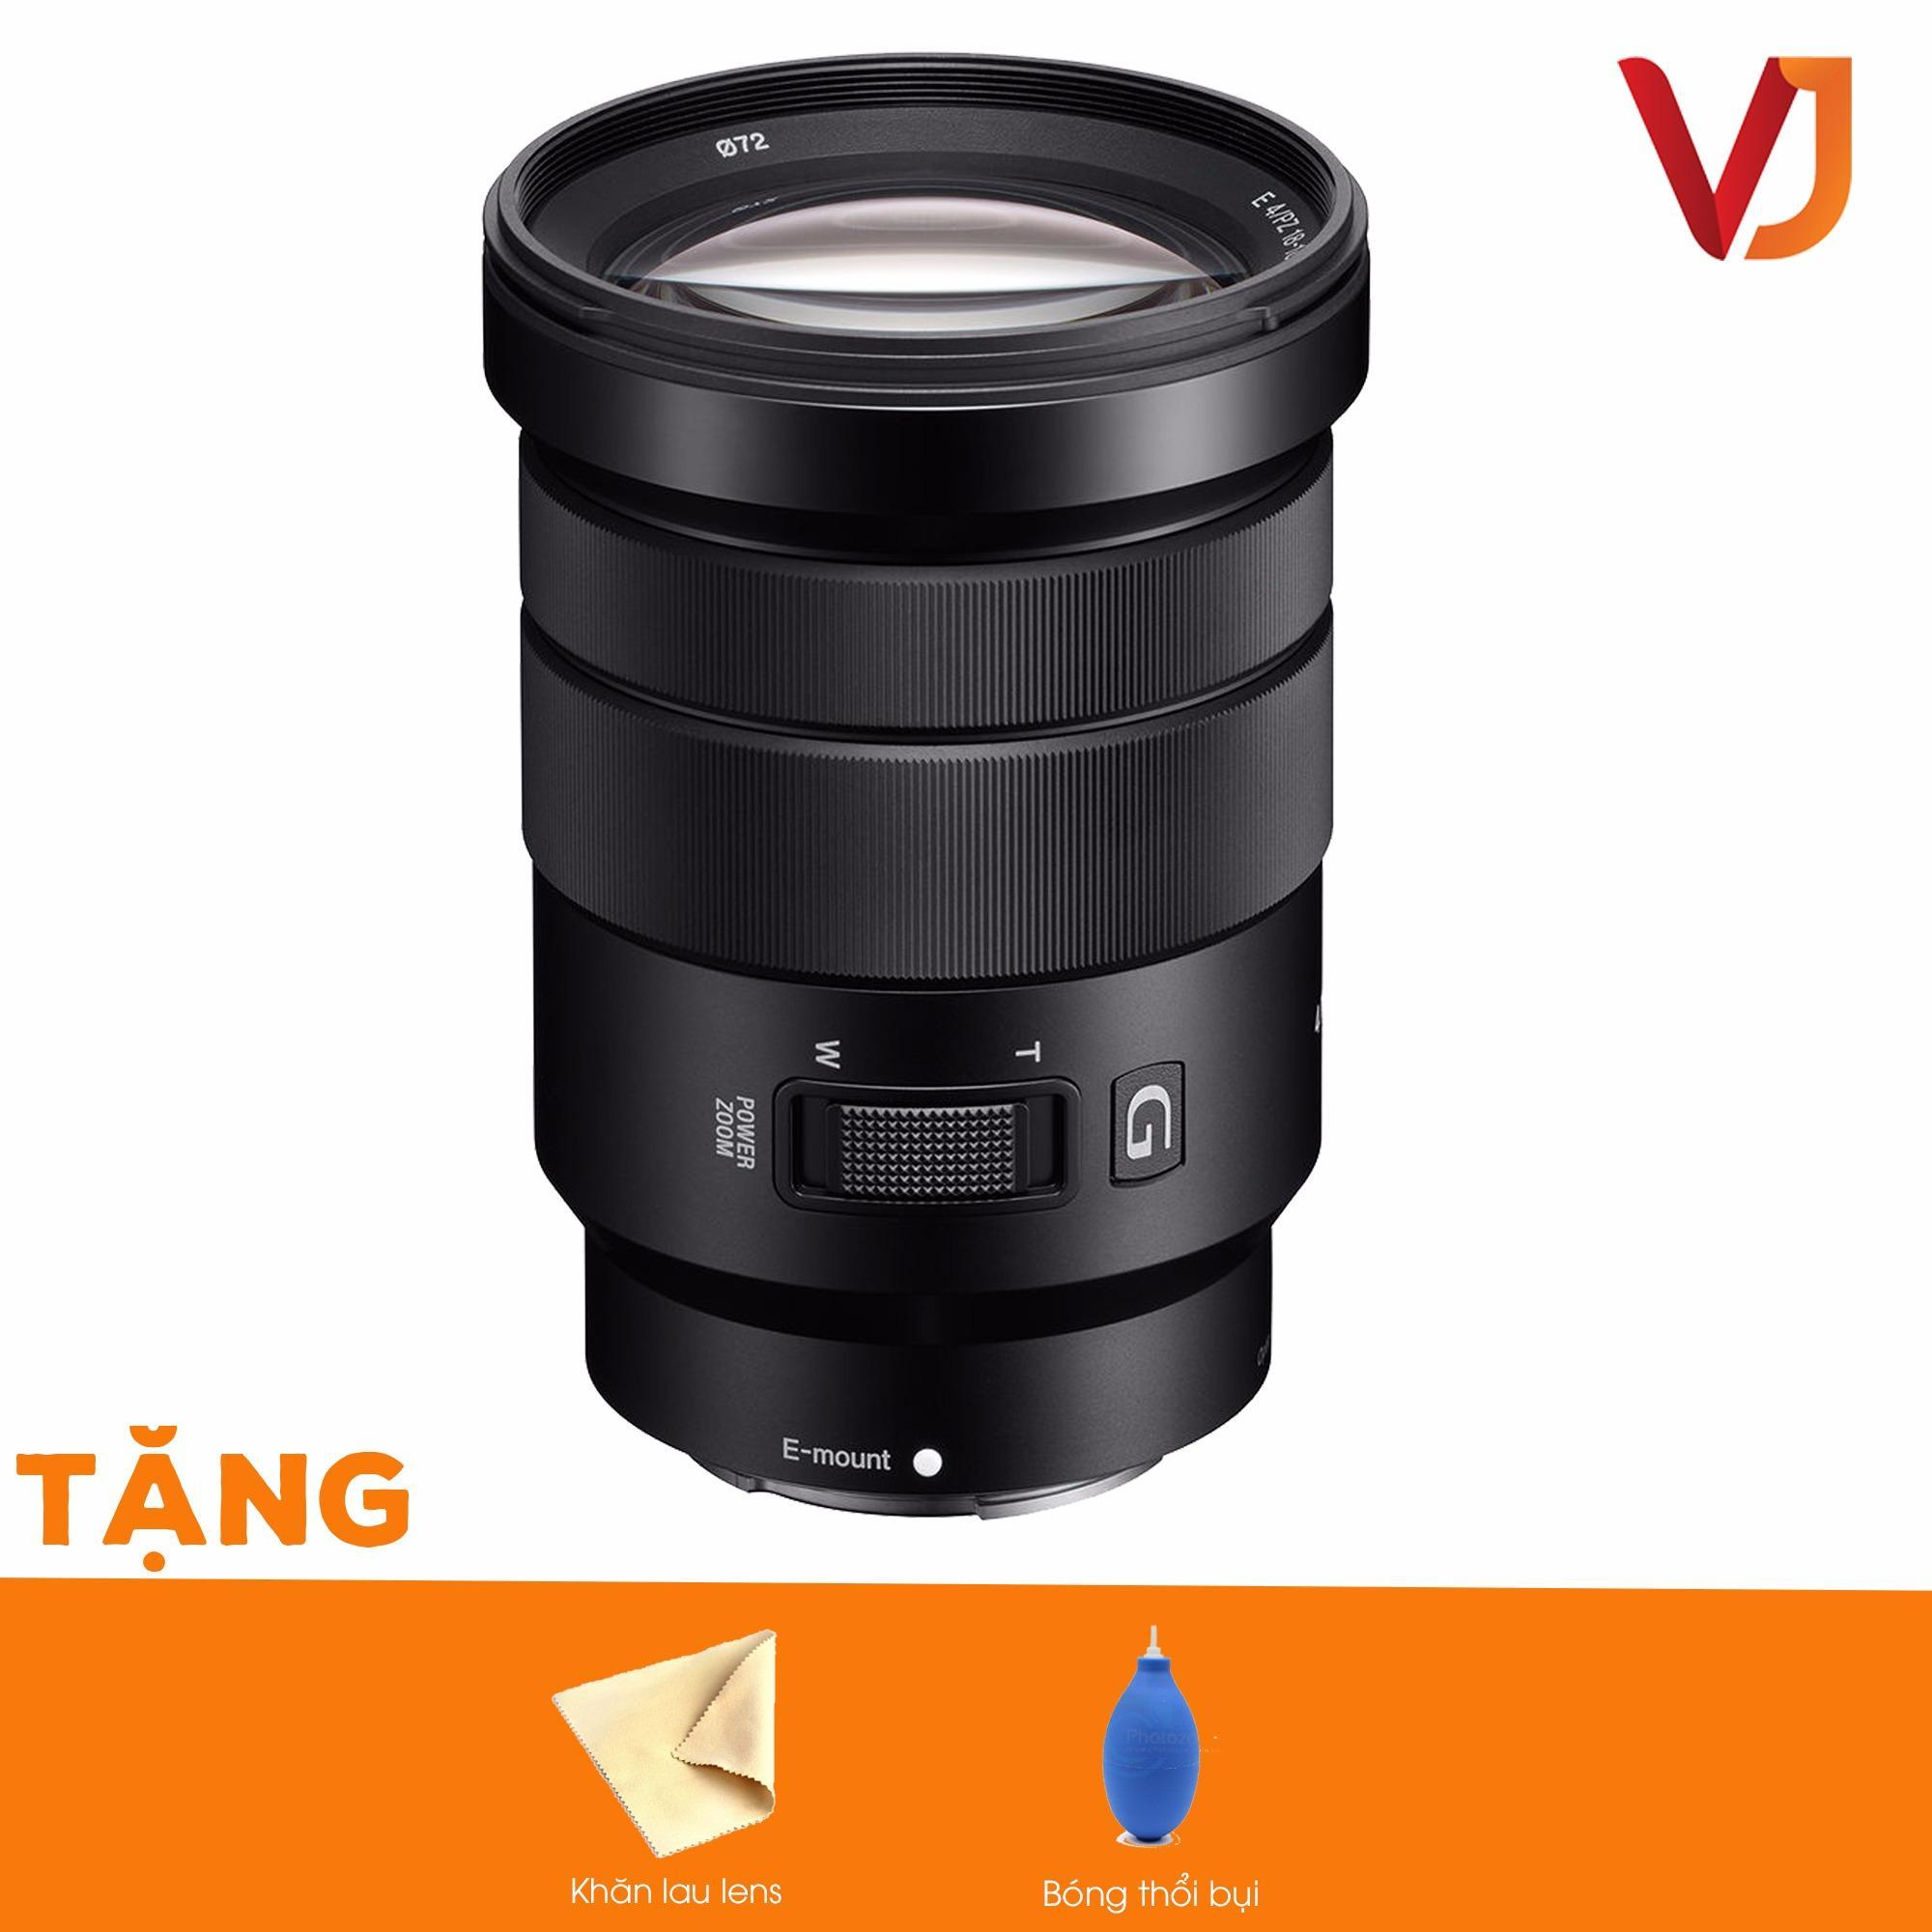 Ống kính Sony E PZ 18-105mm f/4 G OSS Lens + Tặng bóng thổi bụi + khăn lau lens – Hãng phân phối chính thức